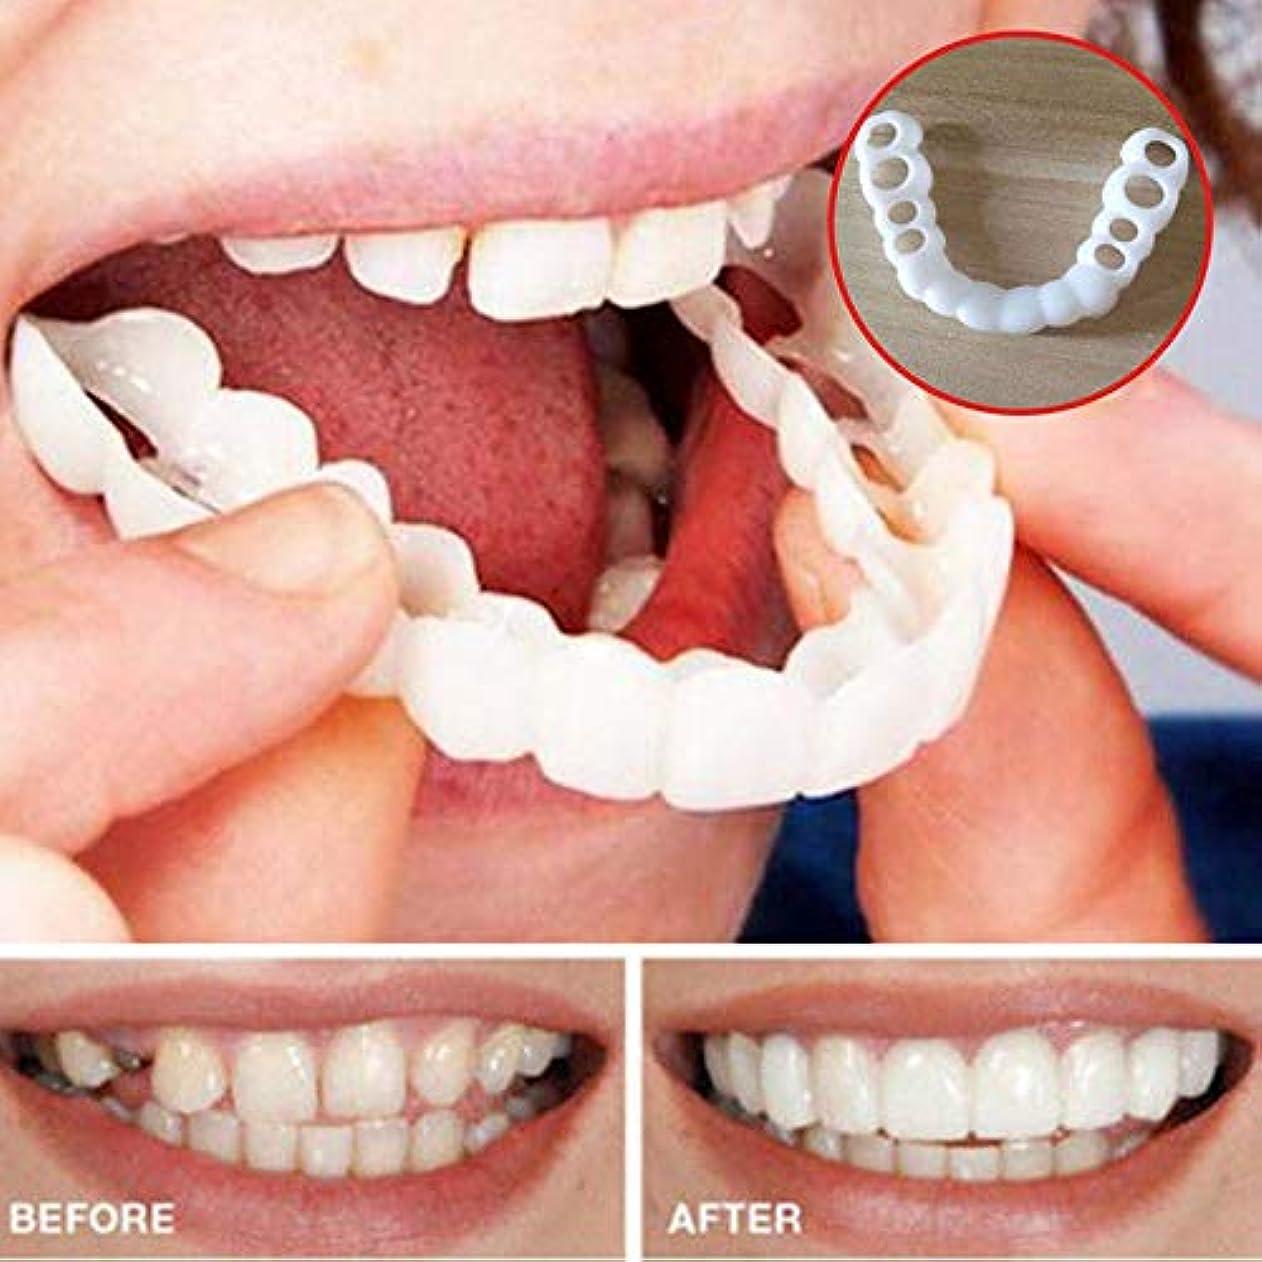 視線博物館であることシリコンシミュレーション歯ホワイトニングブレース(3個),Upper